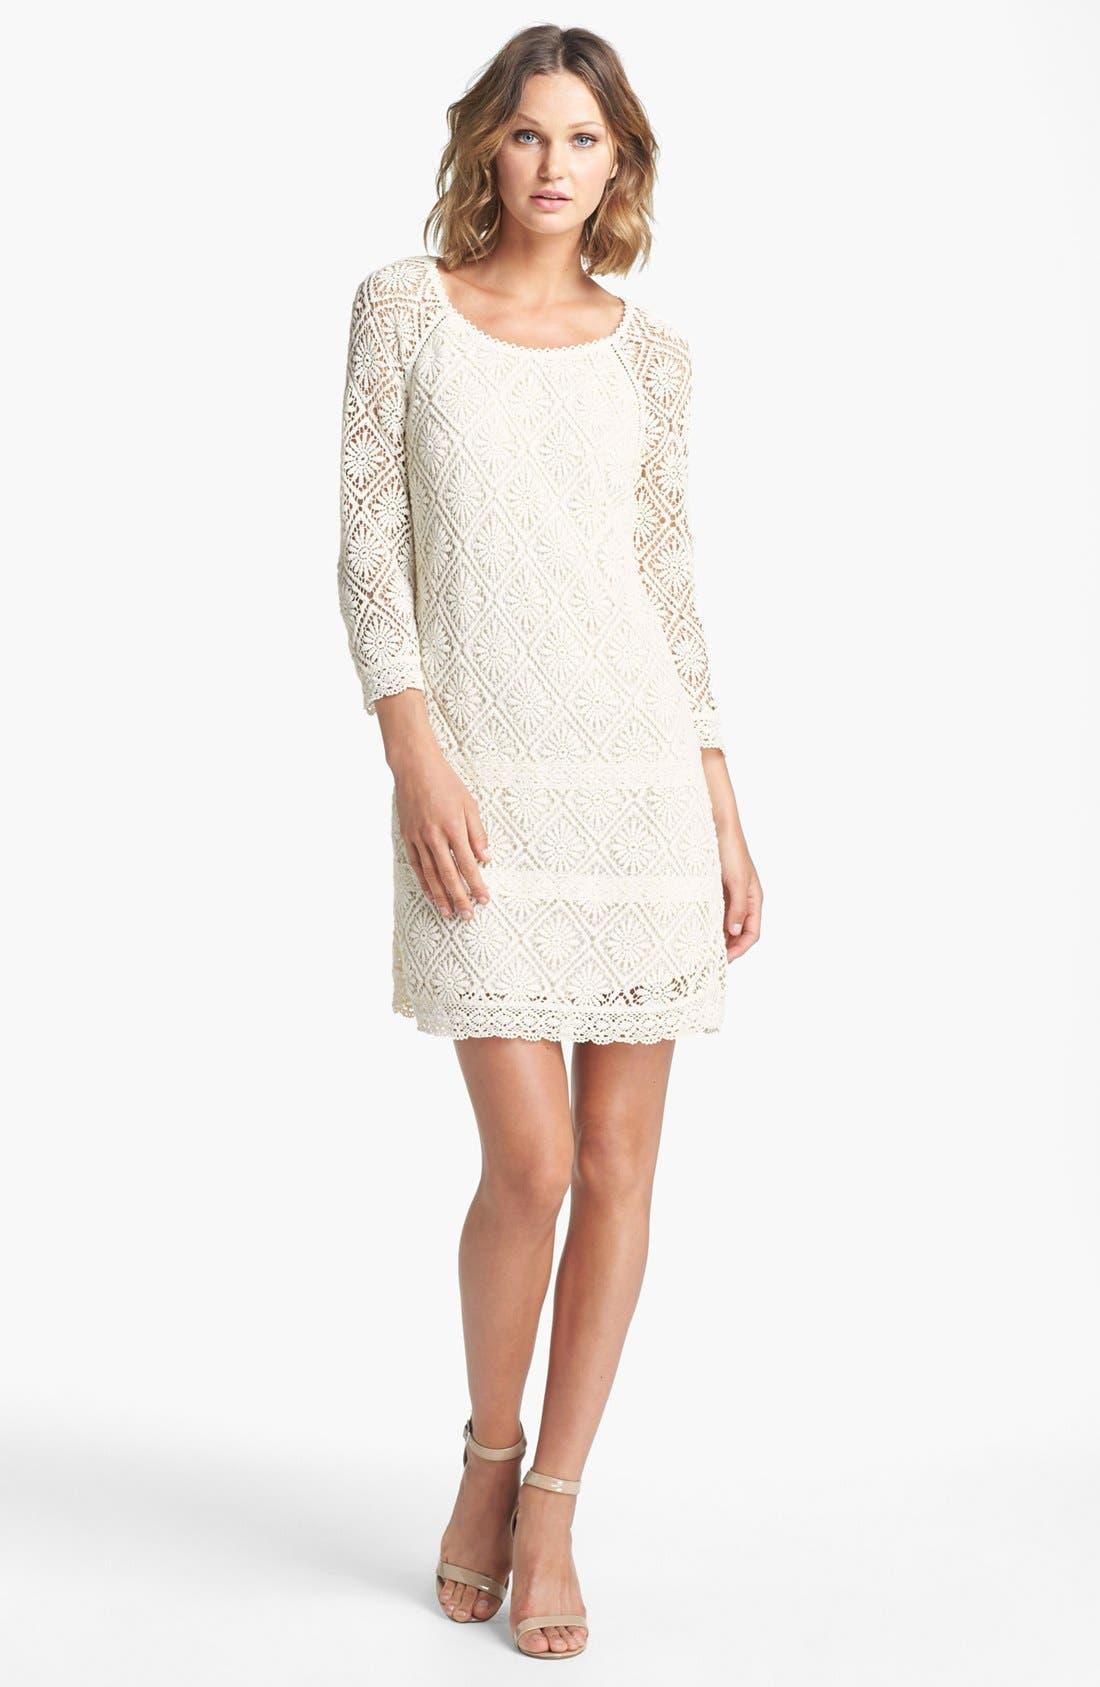 Main Image - Juicy Couture 'Grace' Lace Dress